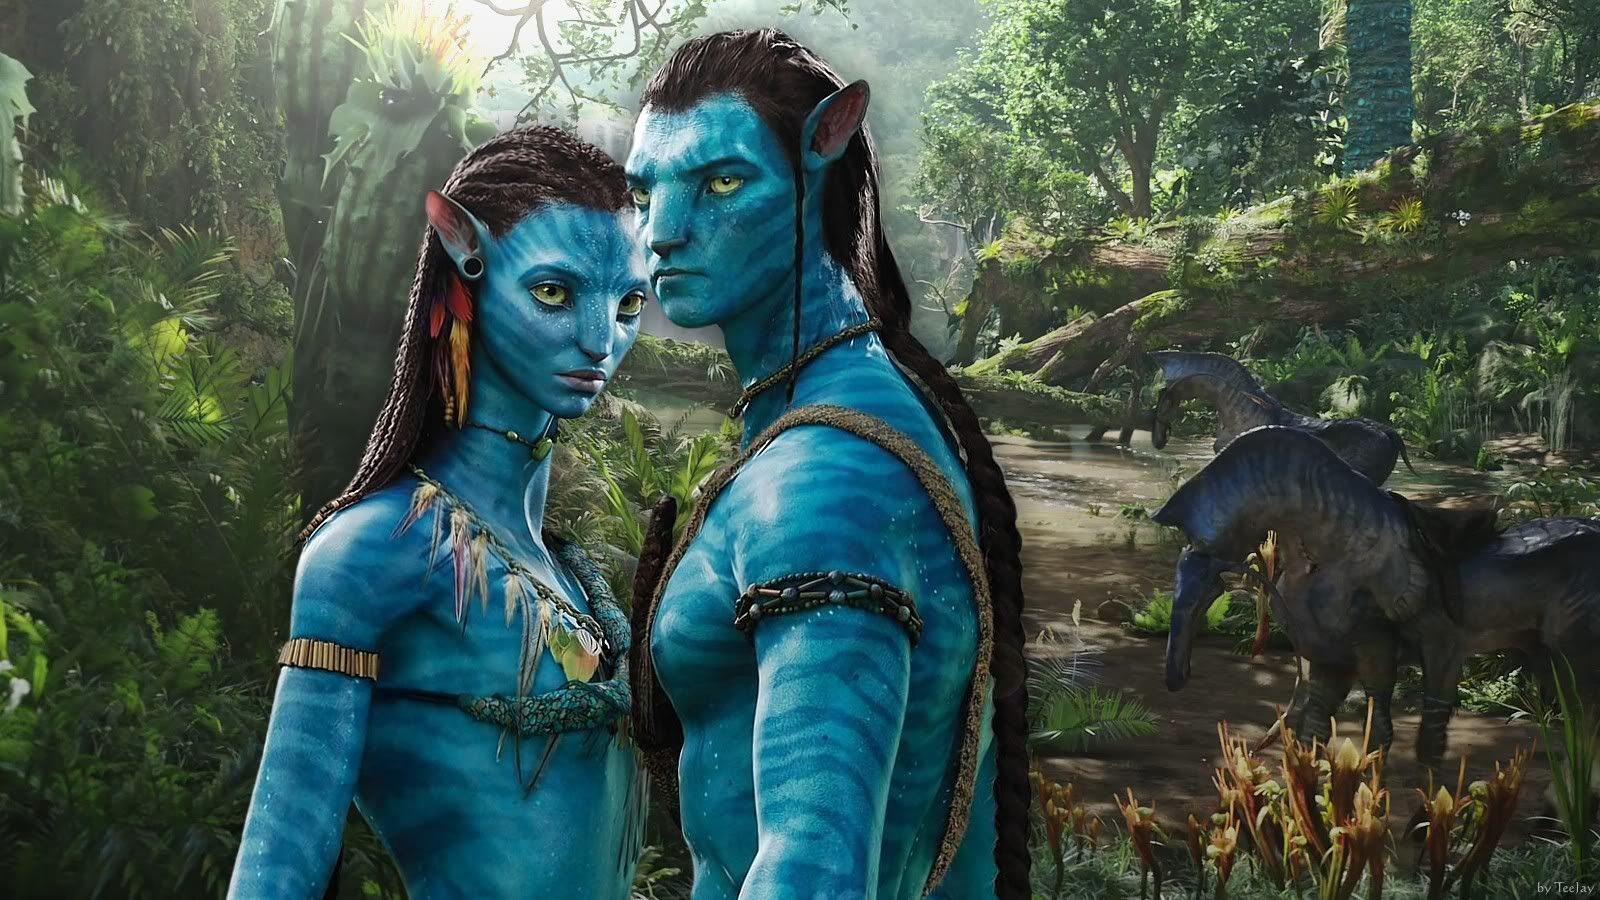 Neytiri Beautiful Warrior In Avatar This Hd Neytiri Beautiful Avatar Movie New Avatar Movie Avatar Characters